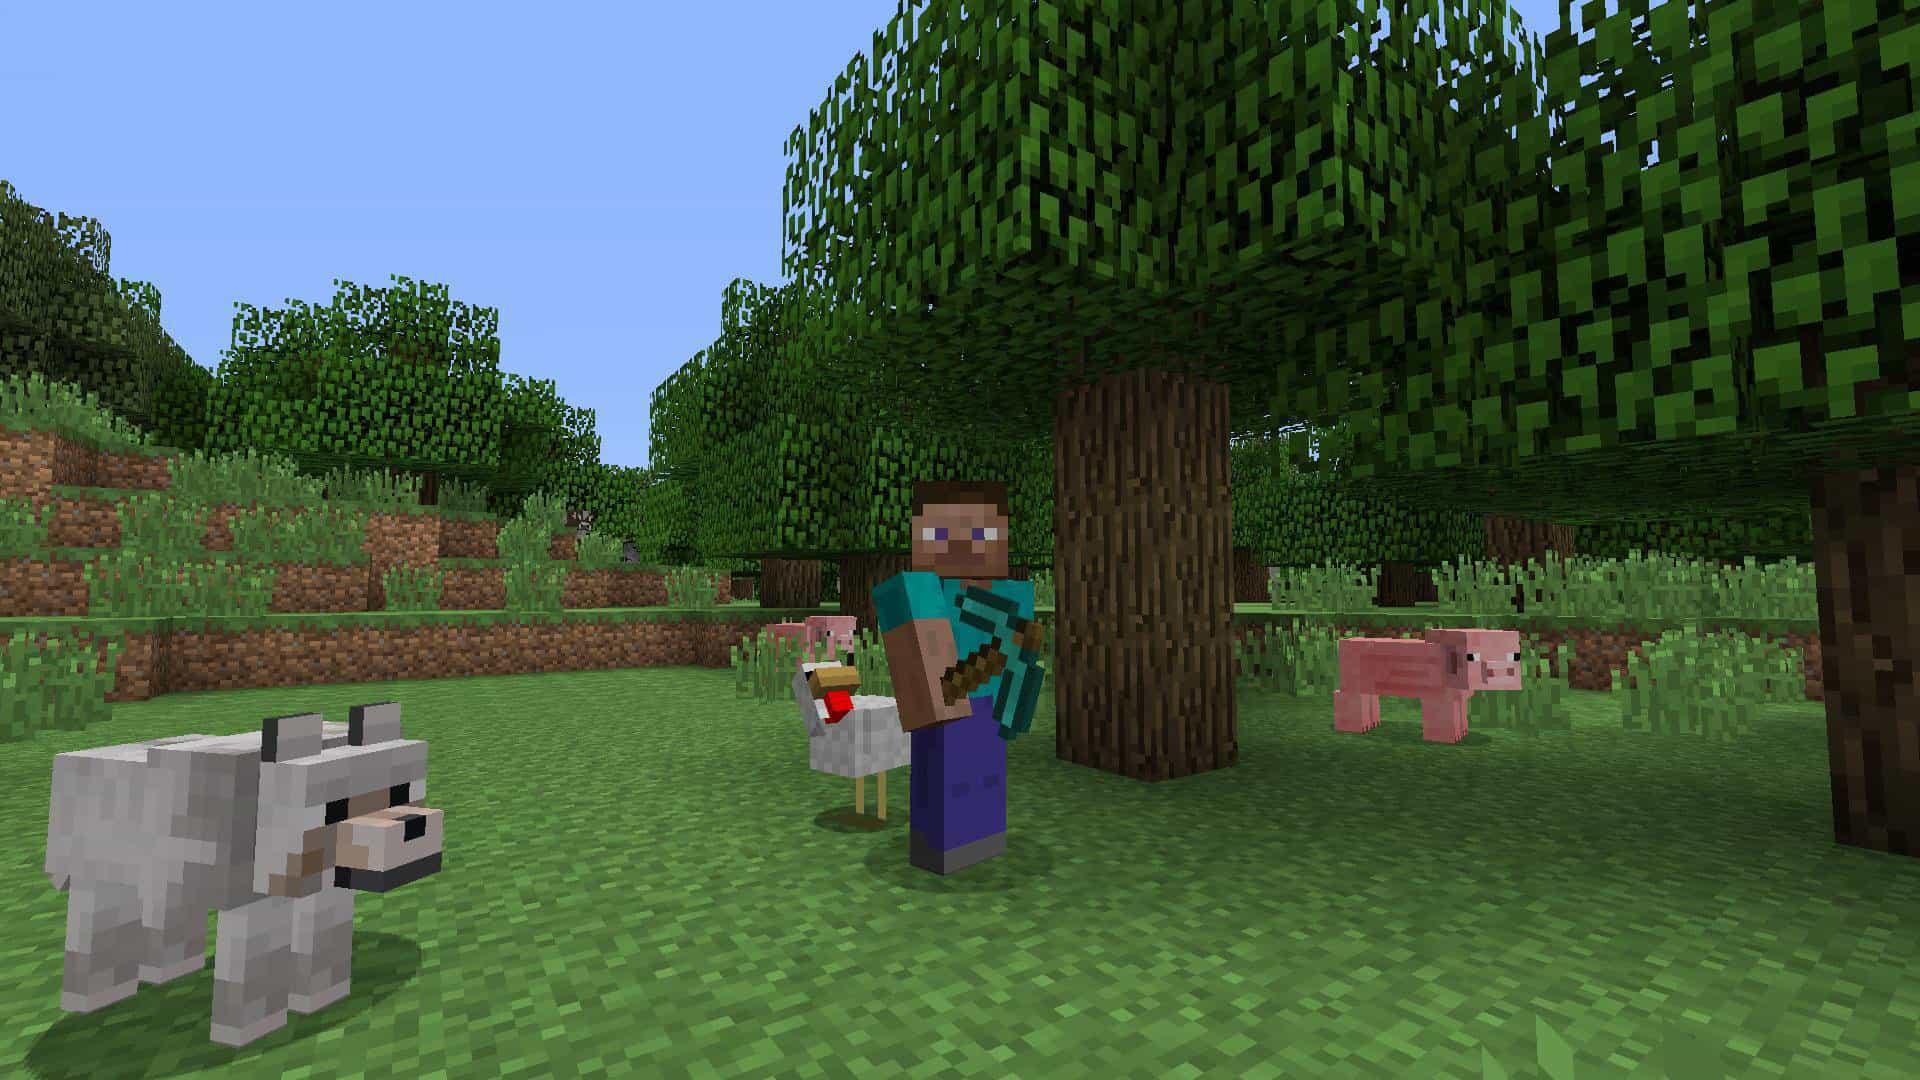 Minecraft Pc Jeux Télécharger Gratuit - Jeuxx Gratuit intérieur Jeux De Piece Gratuit